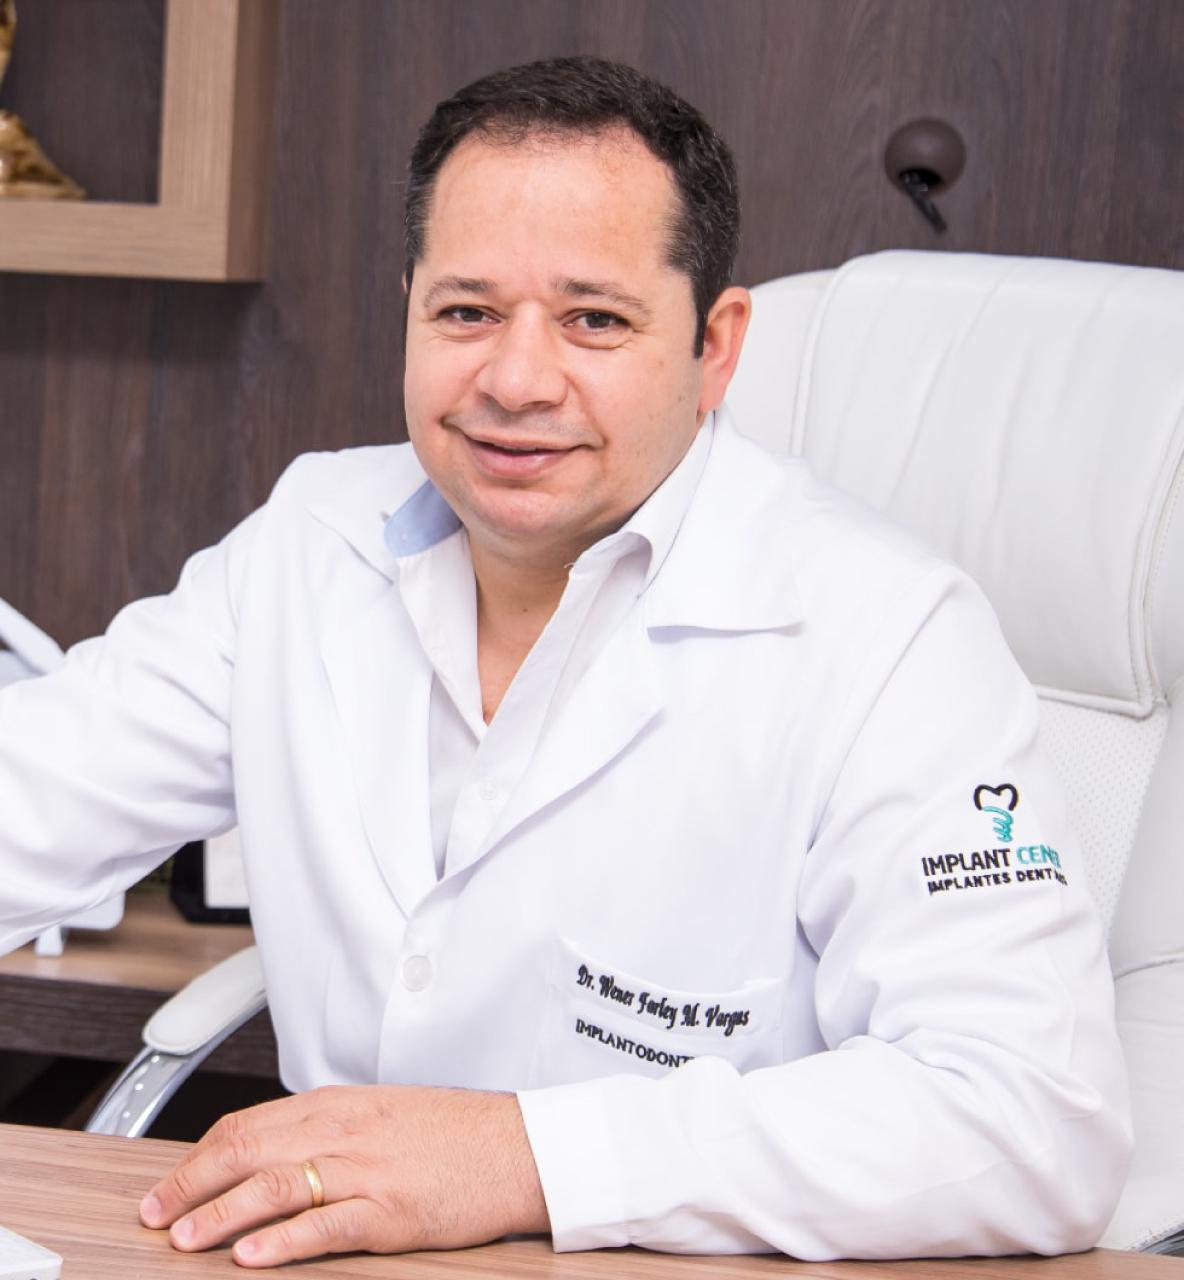 dr-wener